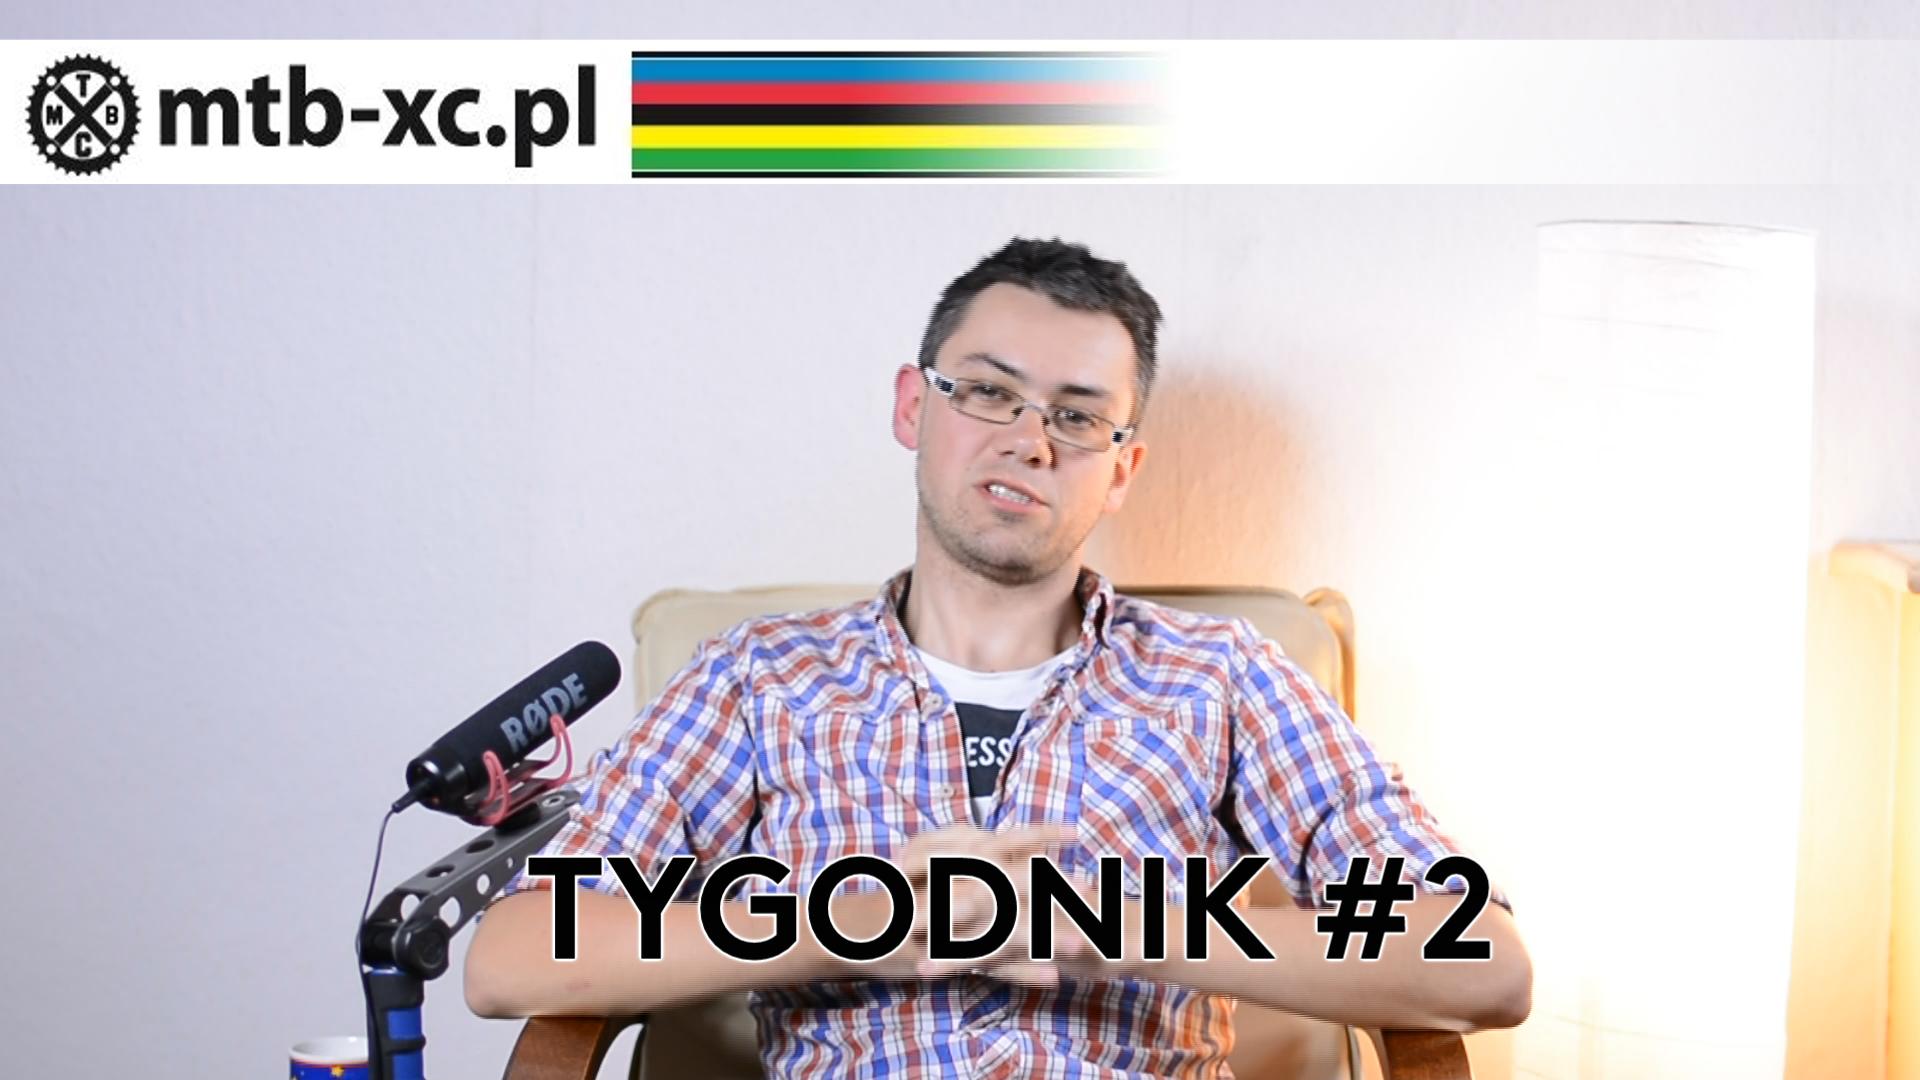 MTB-XC.PL: Tygodnik #2 [wideo]